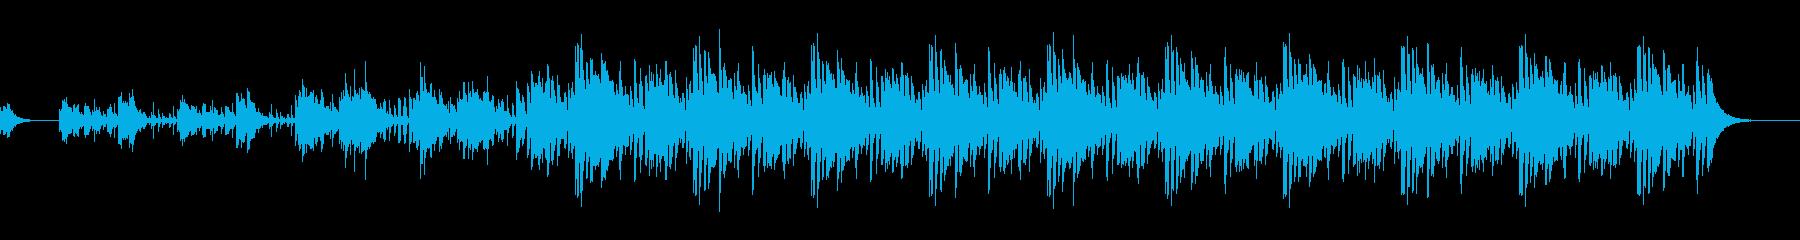 ミドルテンポノービートバージョンの再生済みの波形